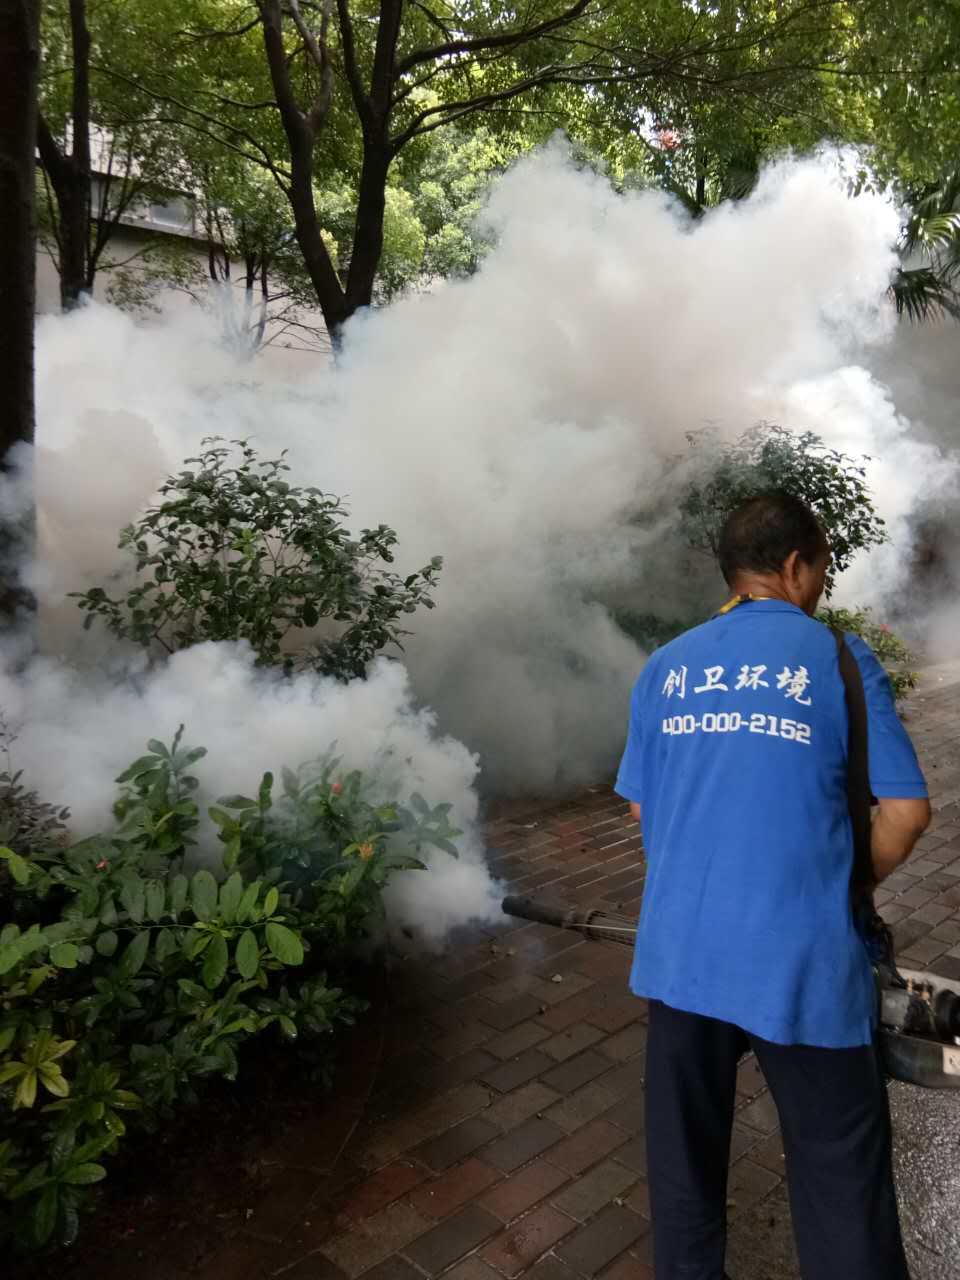 深圳灭鼠公司如何规范除虫灭鼠工作中的言行